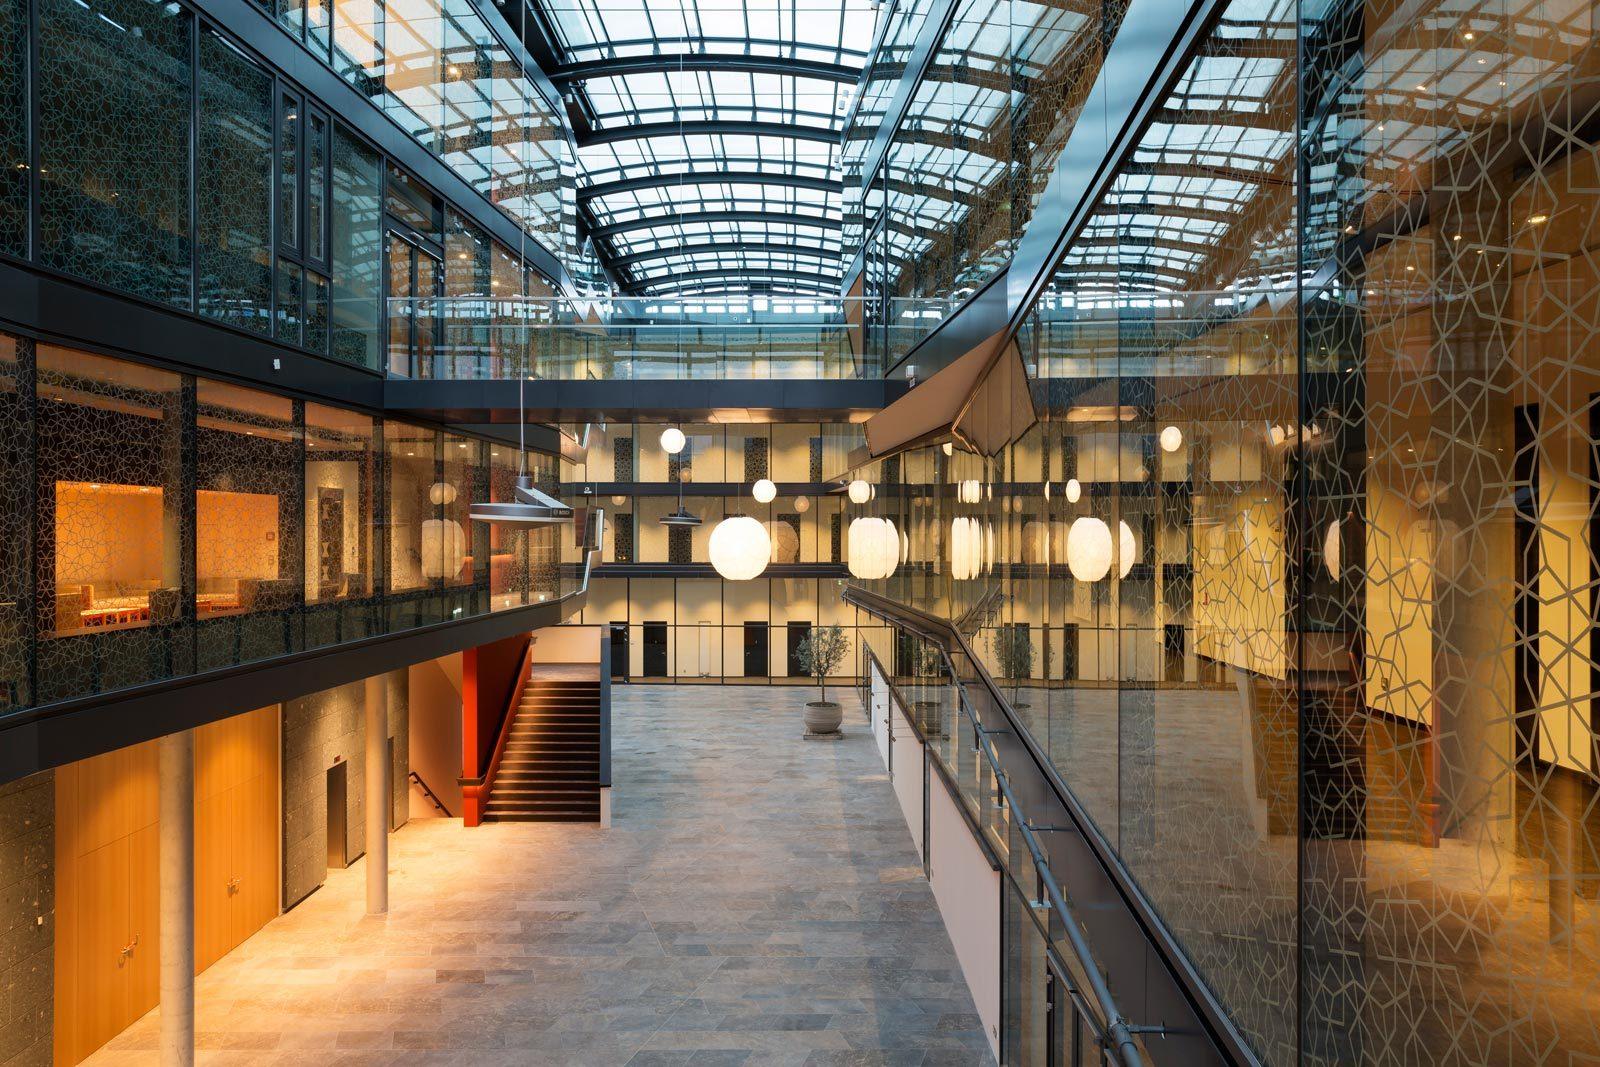 52689dcee8e44e88a00003c0_turkish-embassy-in-berlin-nsh-architekten_felipe_schmidt_09